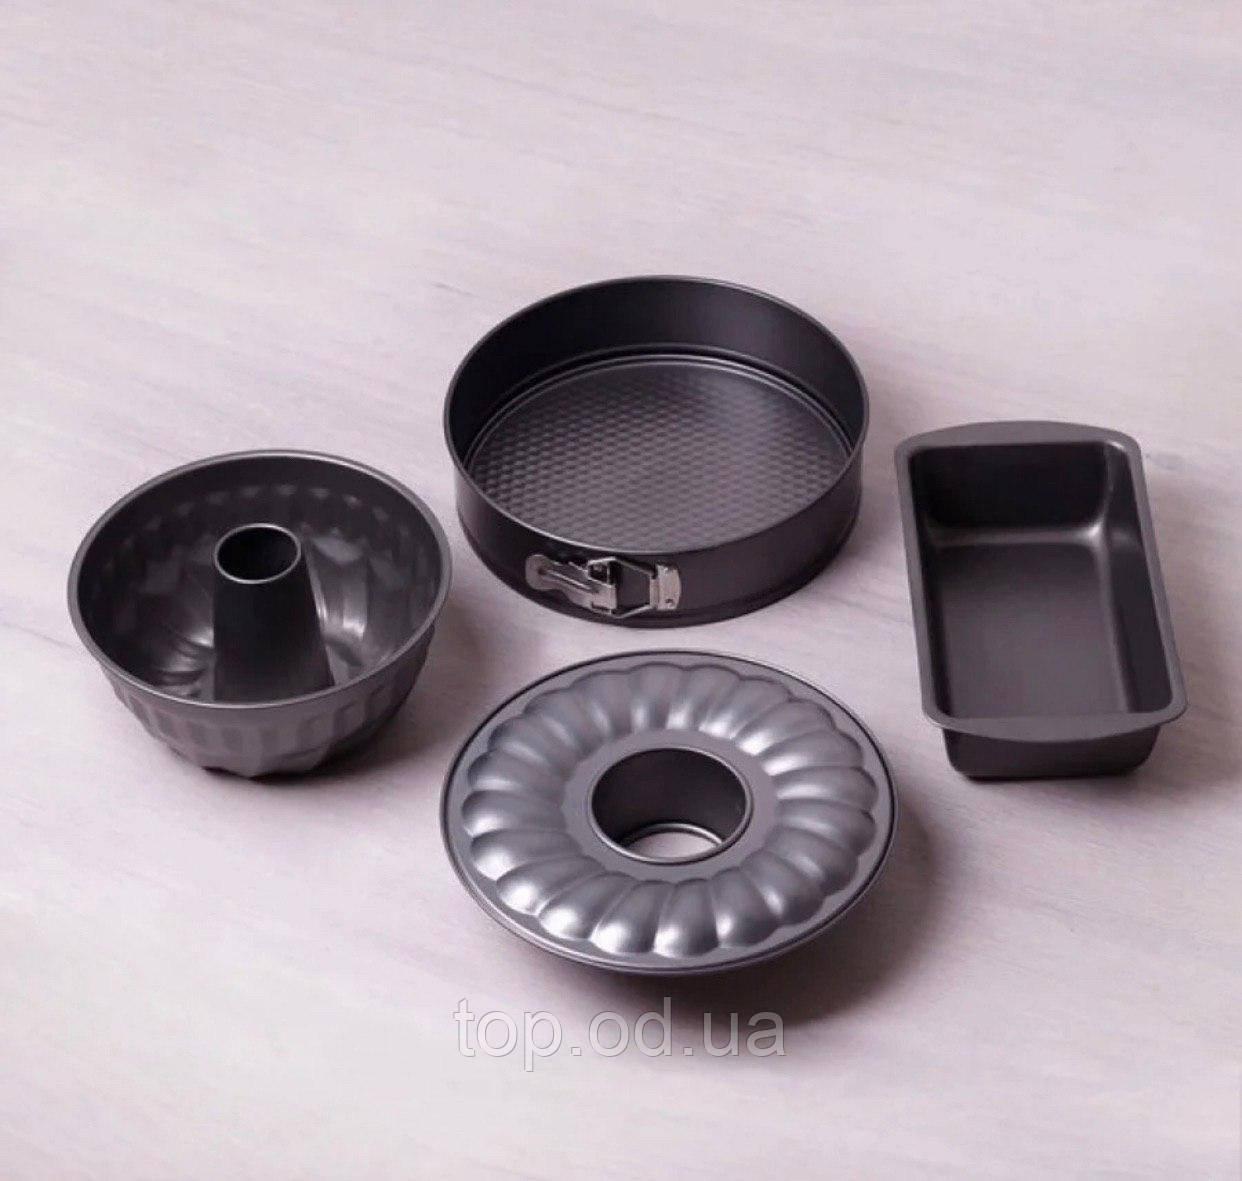 A6030 Набір форм для запікання 4пр. (28*15*7см,роз'ємний коло 26см, 22см для кексу)з вуглецевої сталі